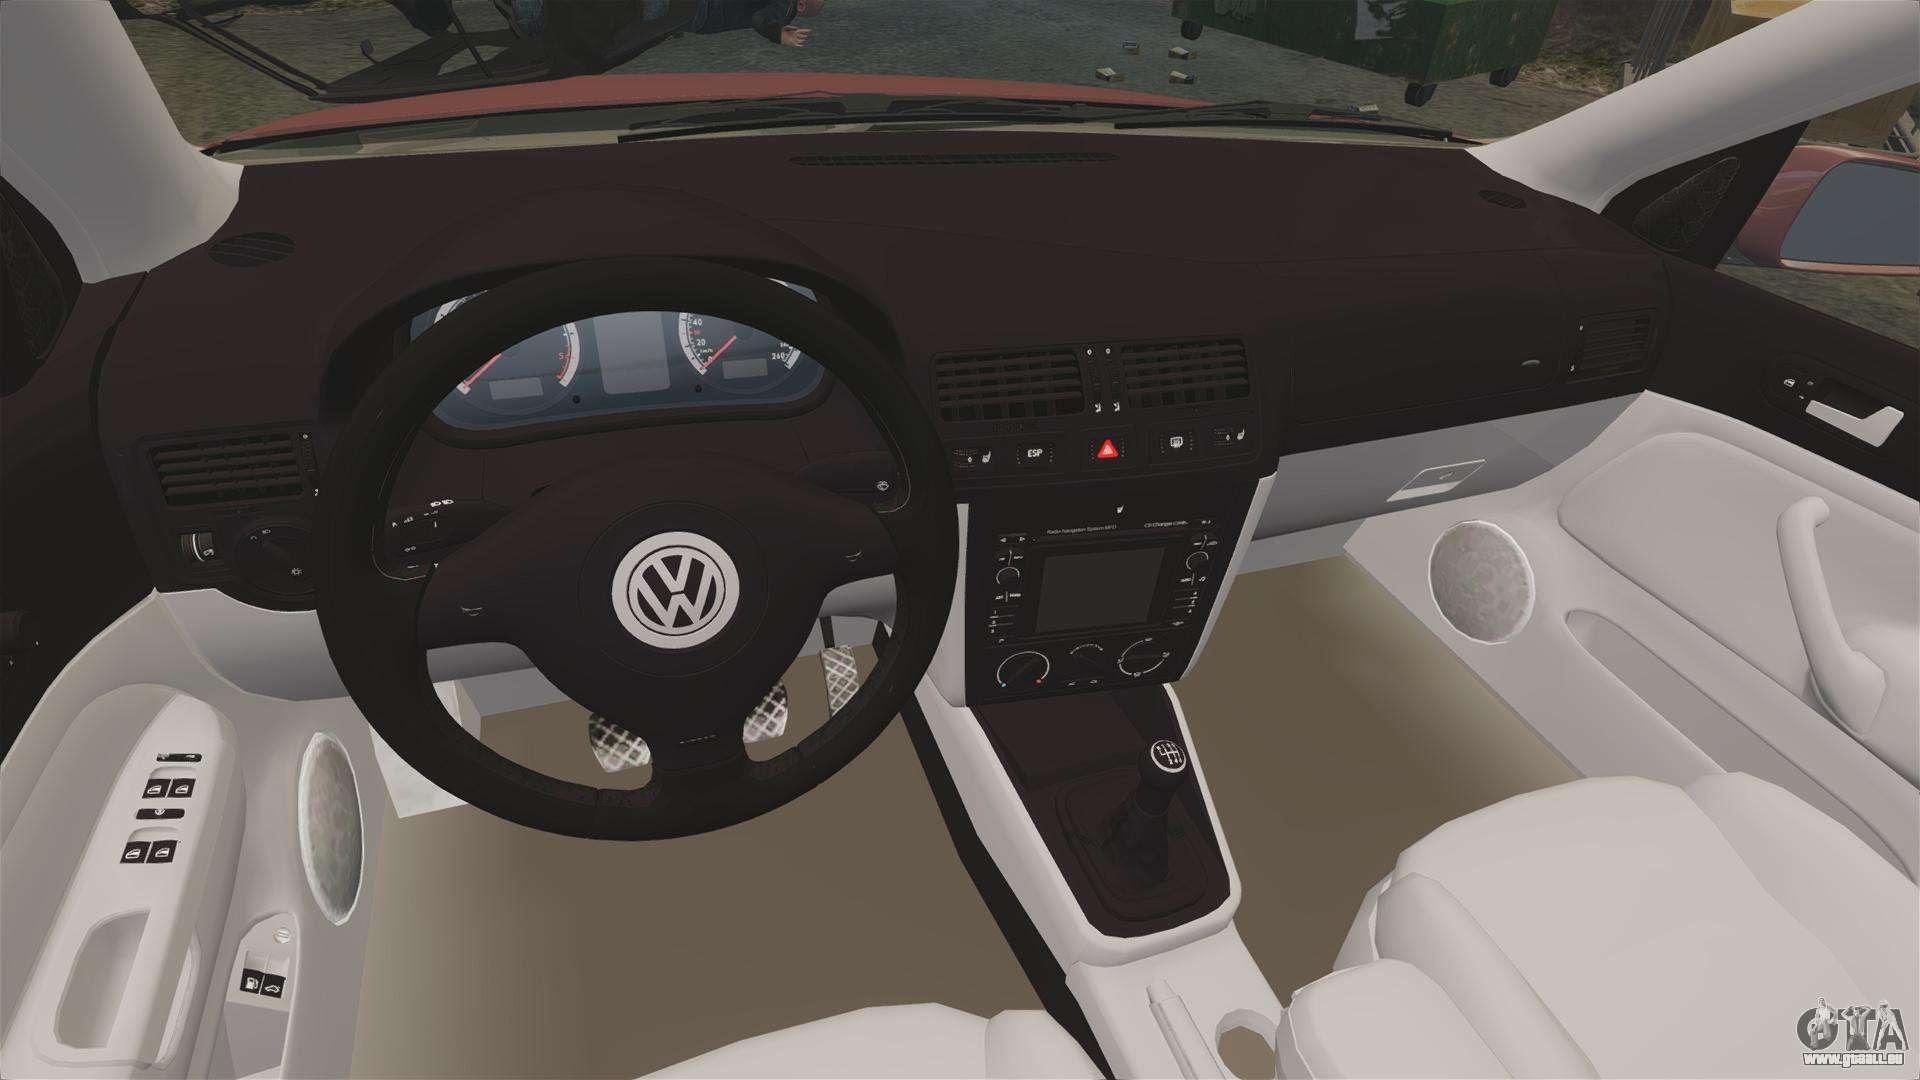 Volkswagen bora vr6 2003 pour gta 4 for Entreposage interieur pour vr